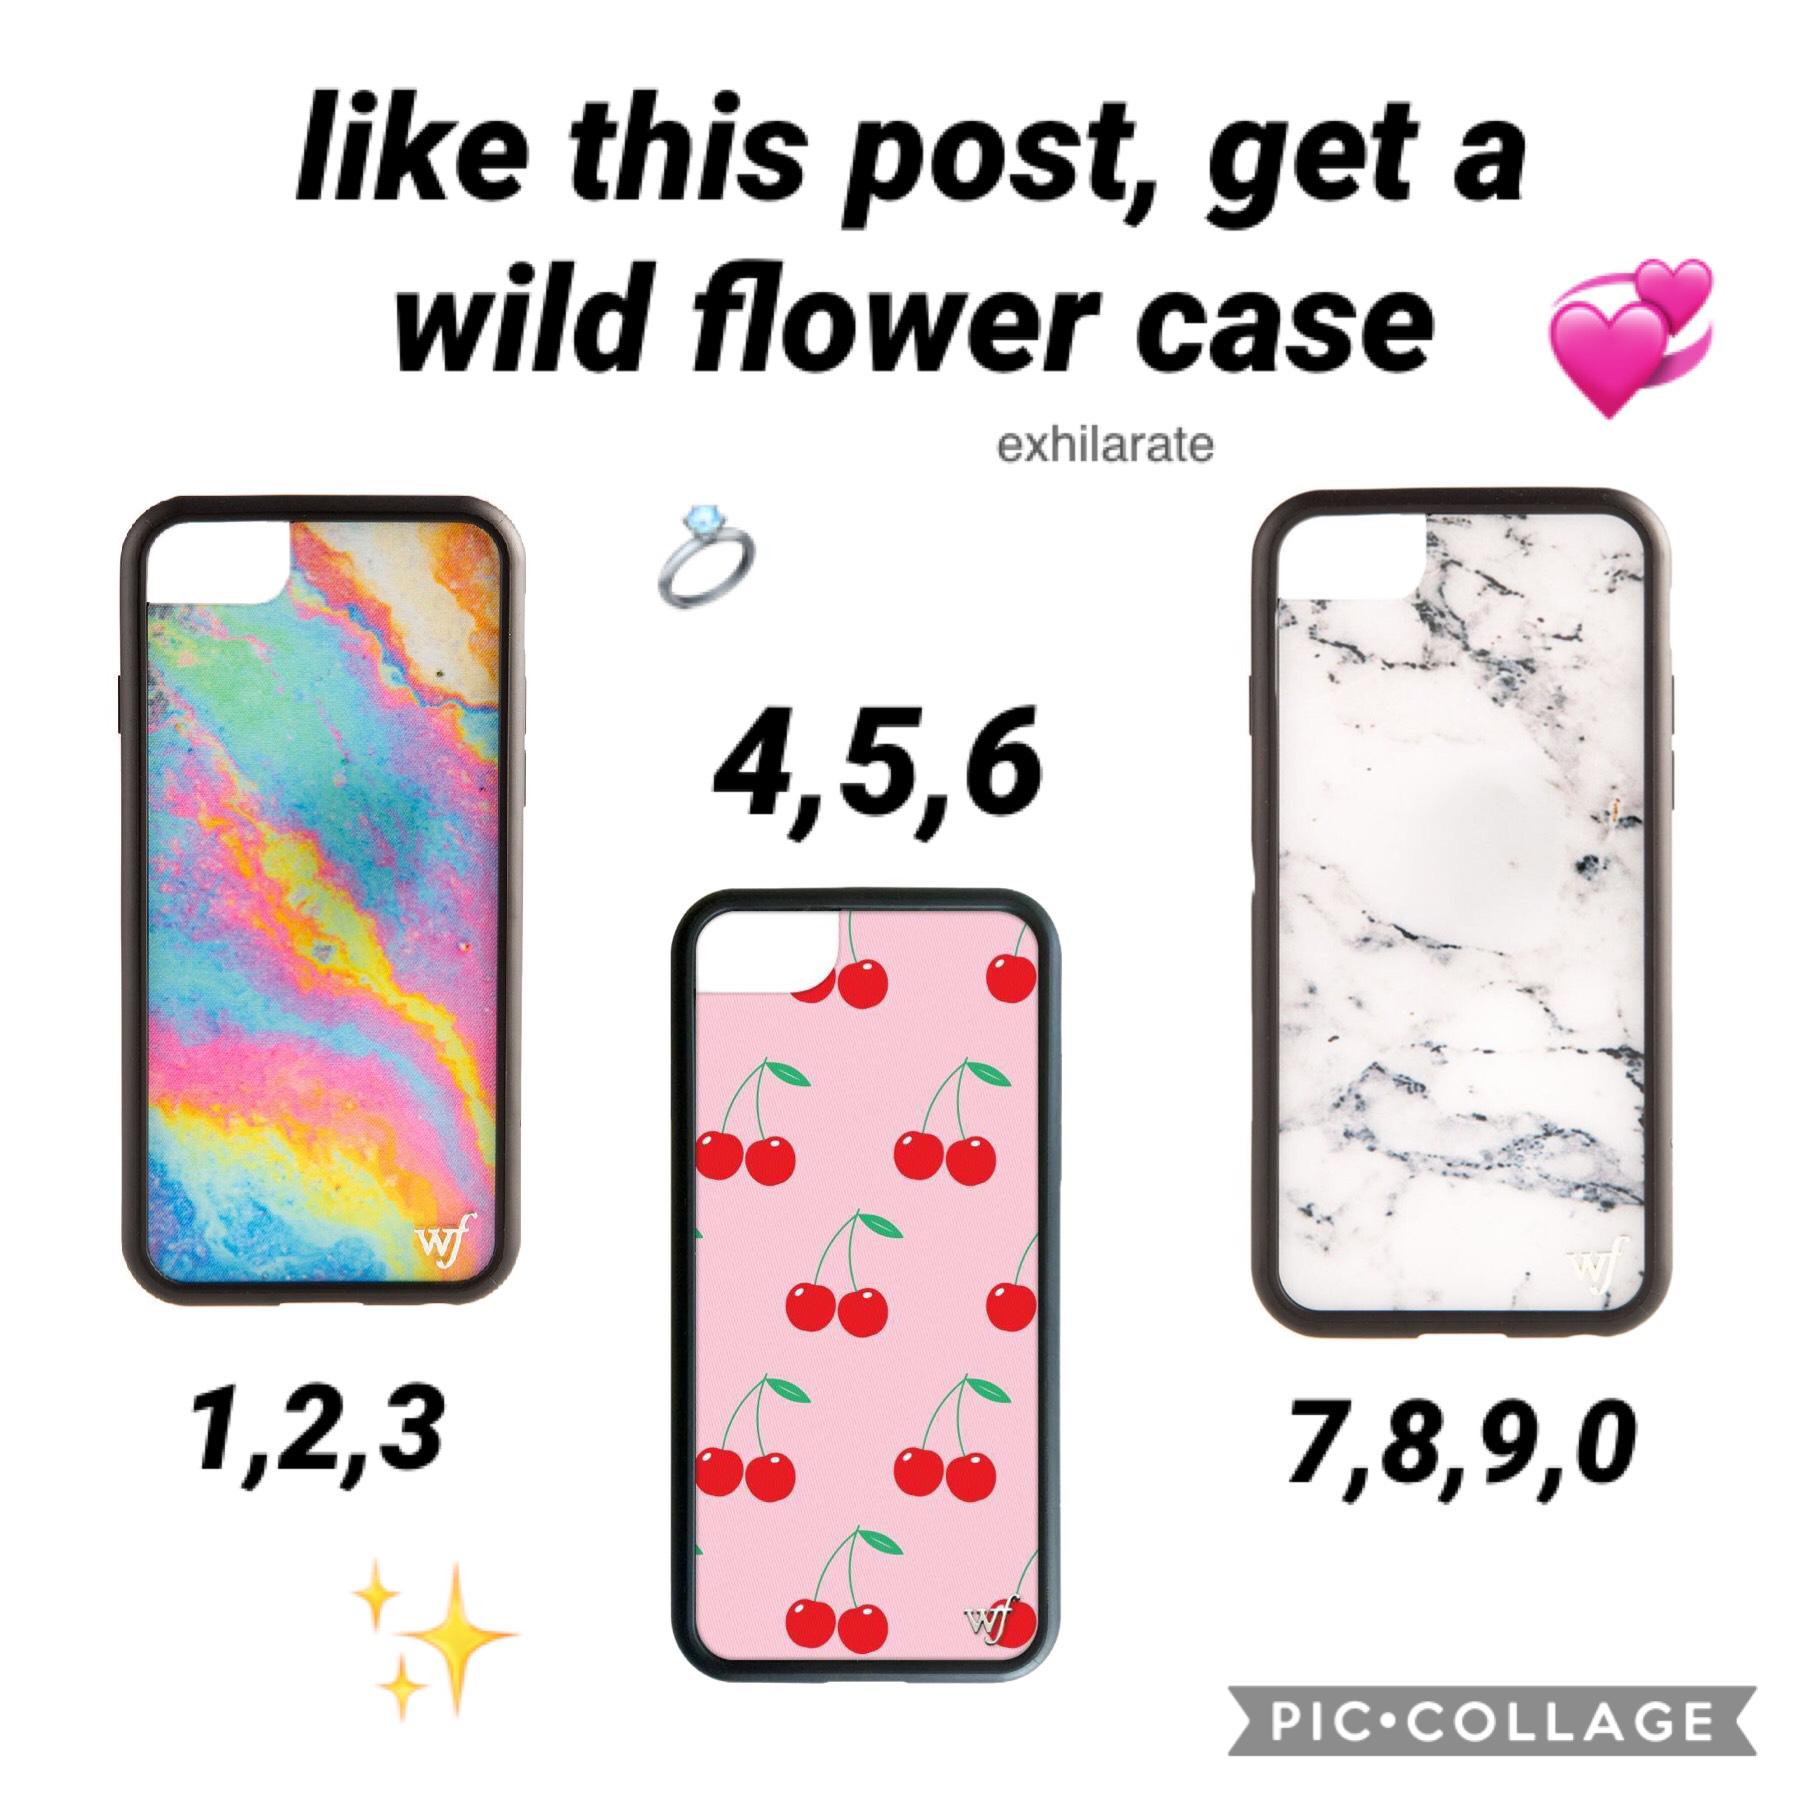 based on last digit of like